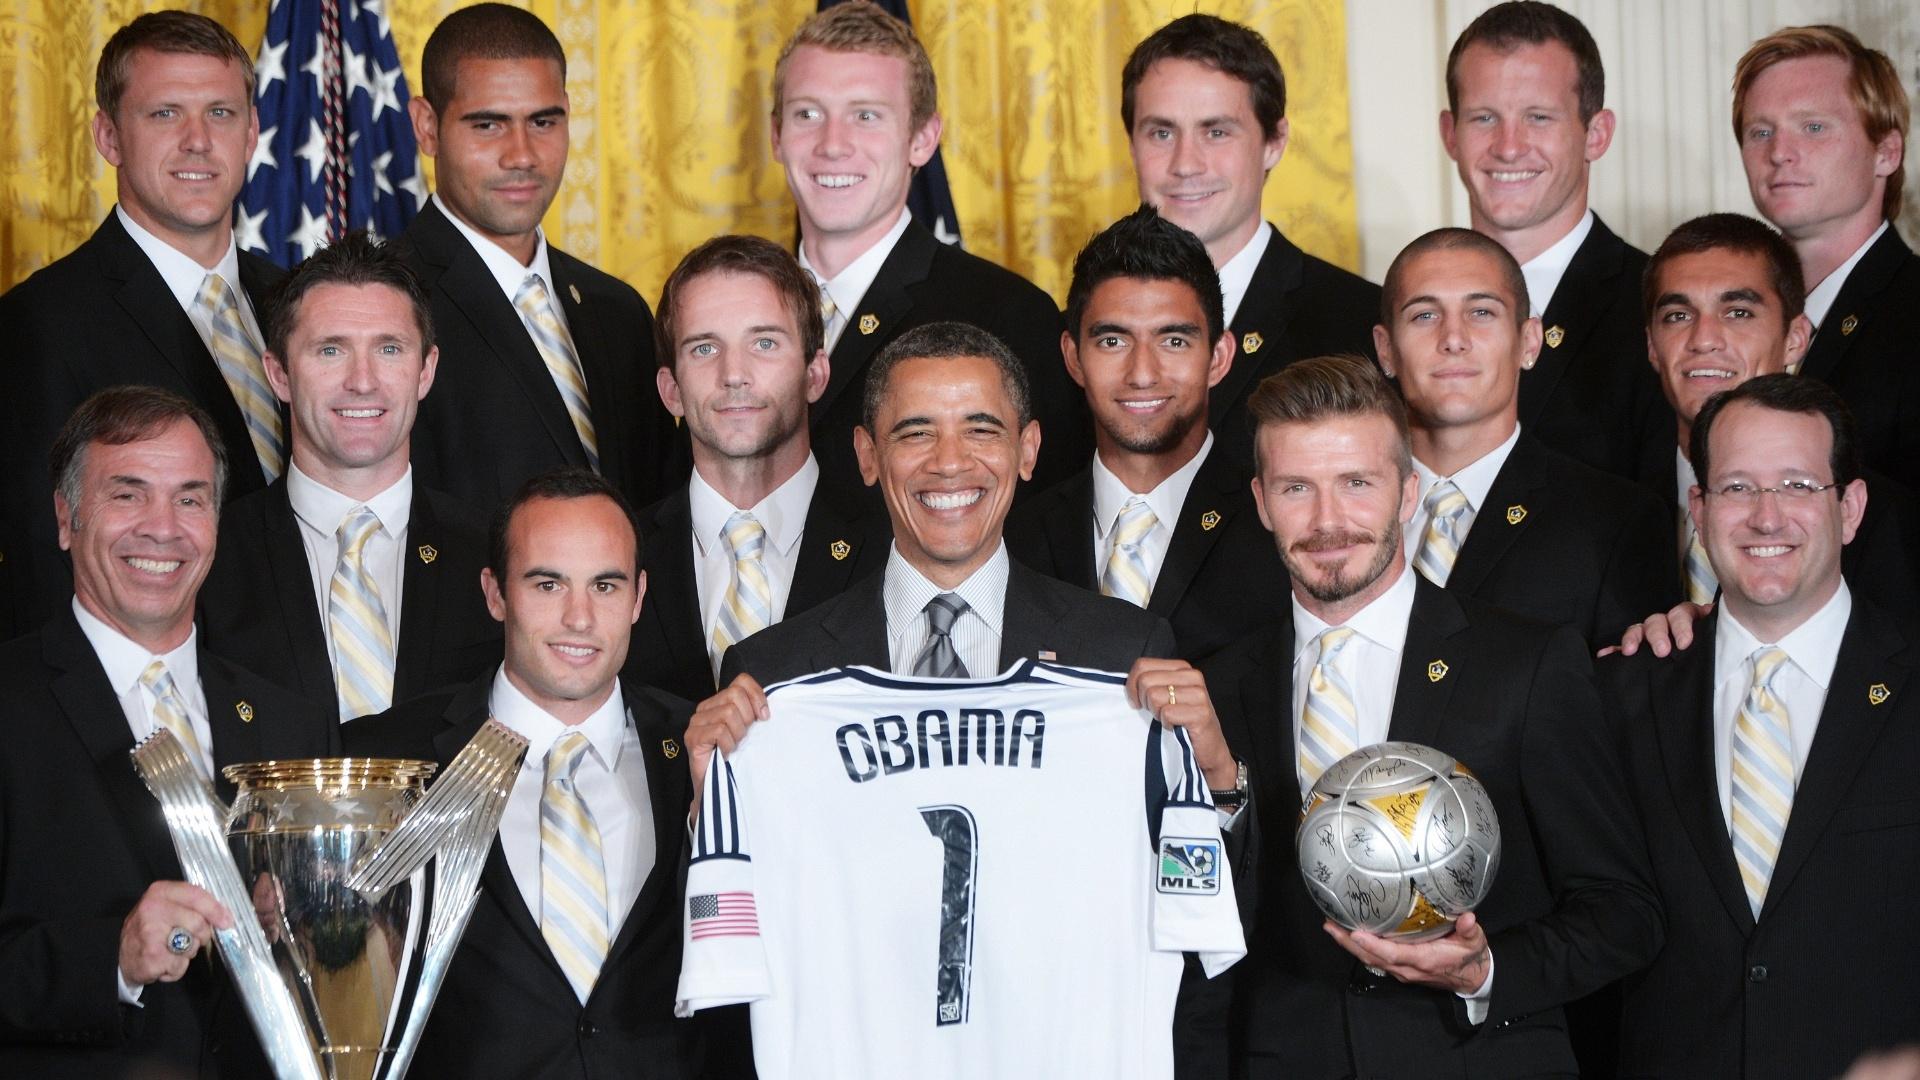 Obama segura camisa ao lado do técnico do LA Galaxy, Bruce Arena, Landon Donovan e David Beckham